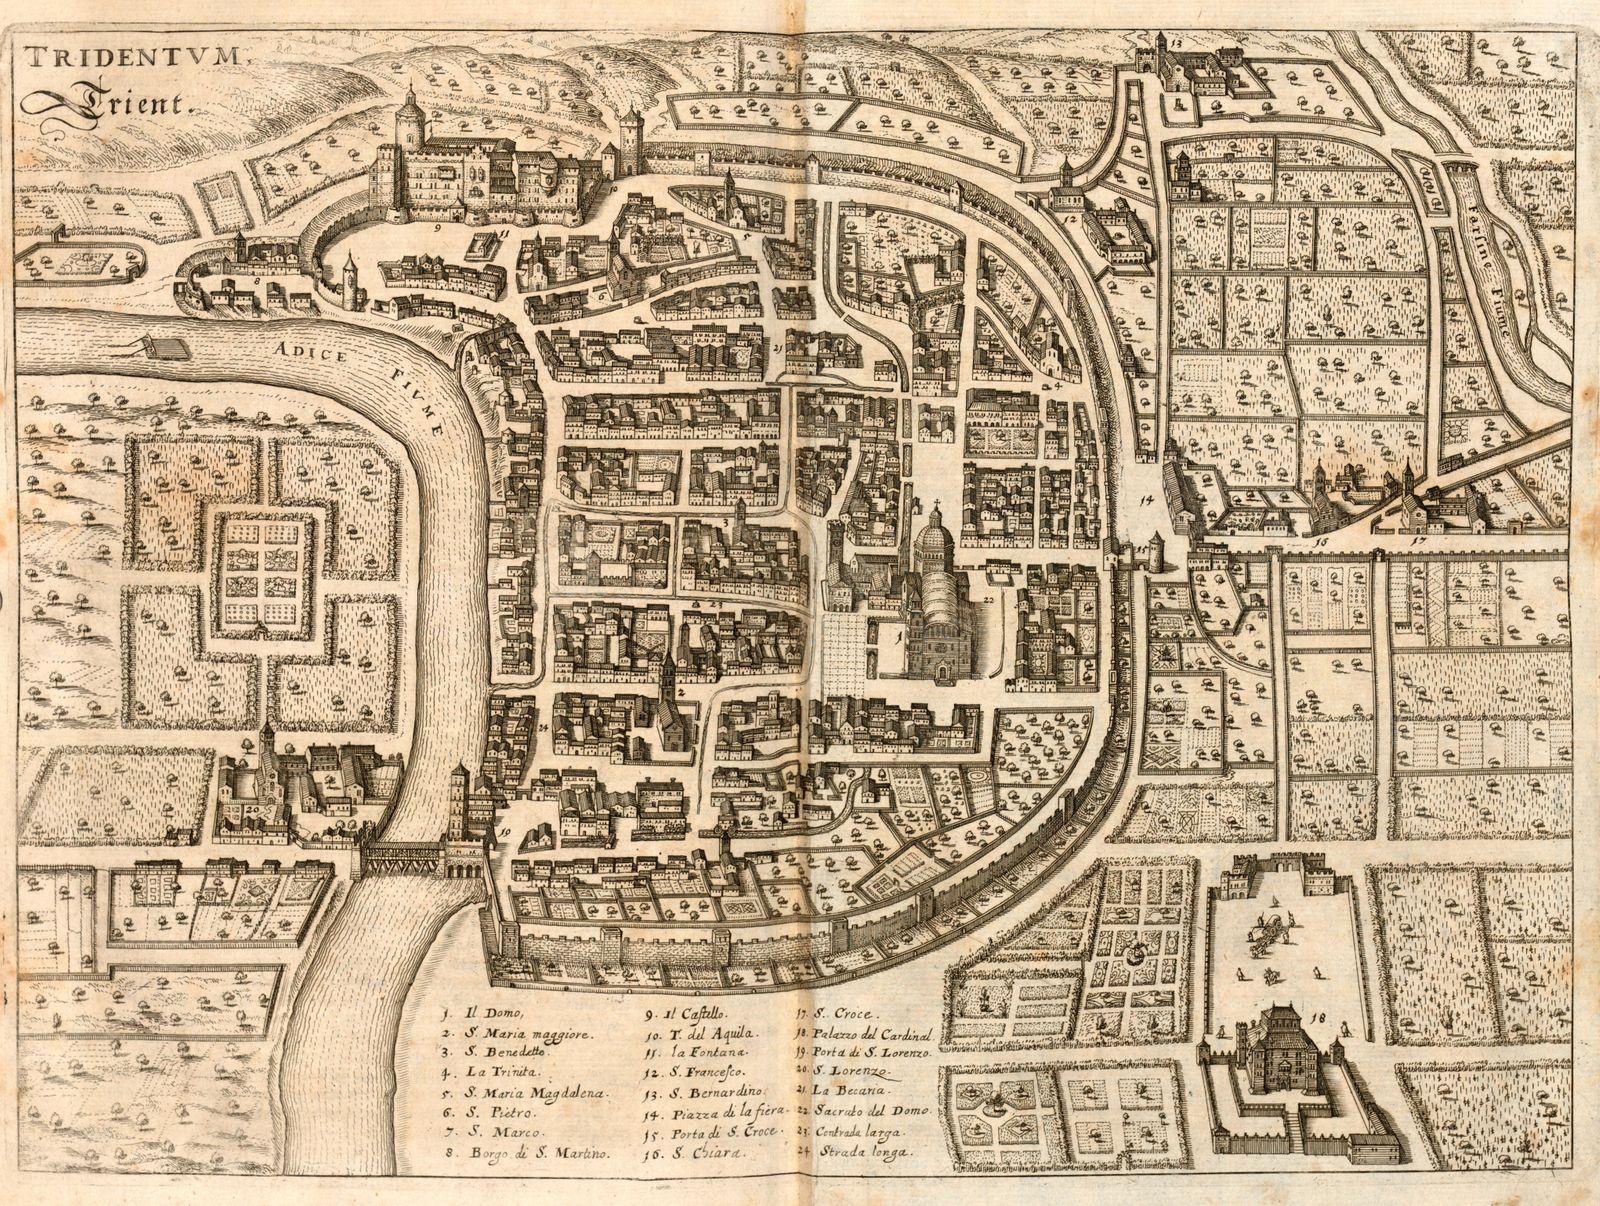 Trento. trient, Map of Trento (Italy), Fig. 11, p. 58, 1640, Martin Zeiller: Itinerarium Italiae nov-antiquae oder Raiss